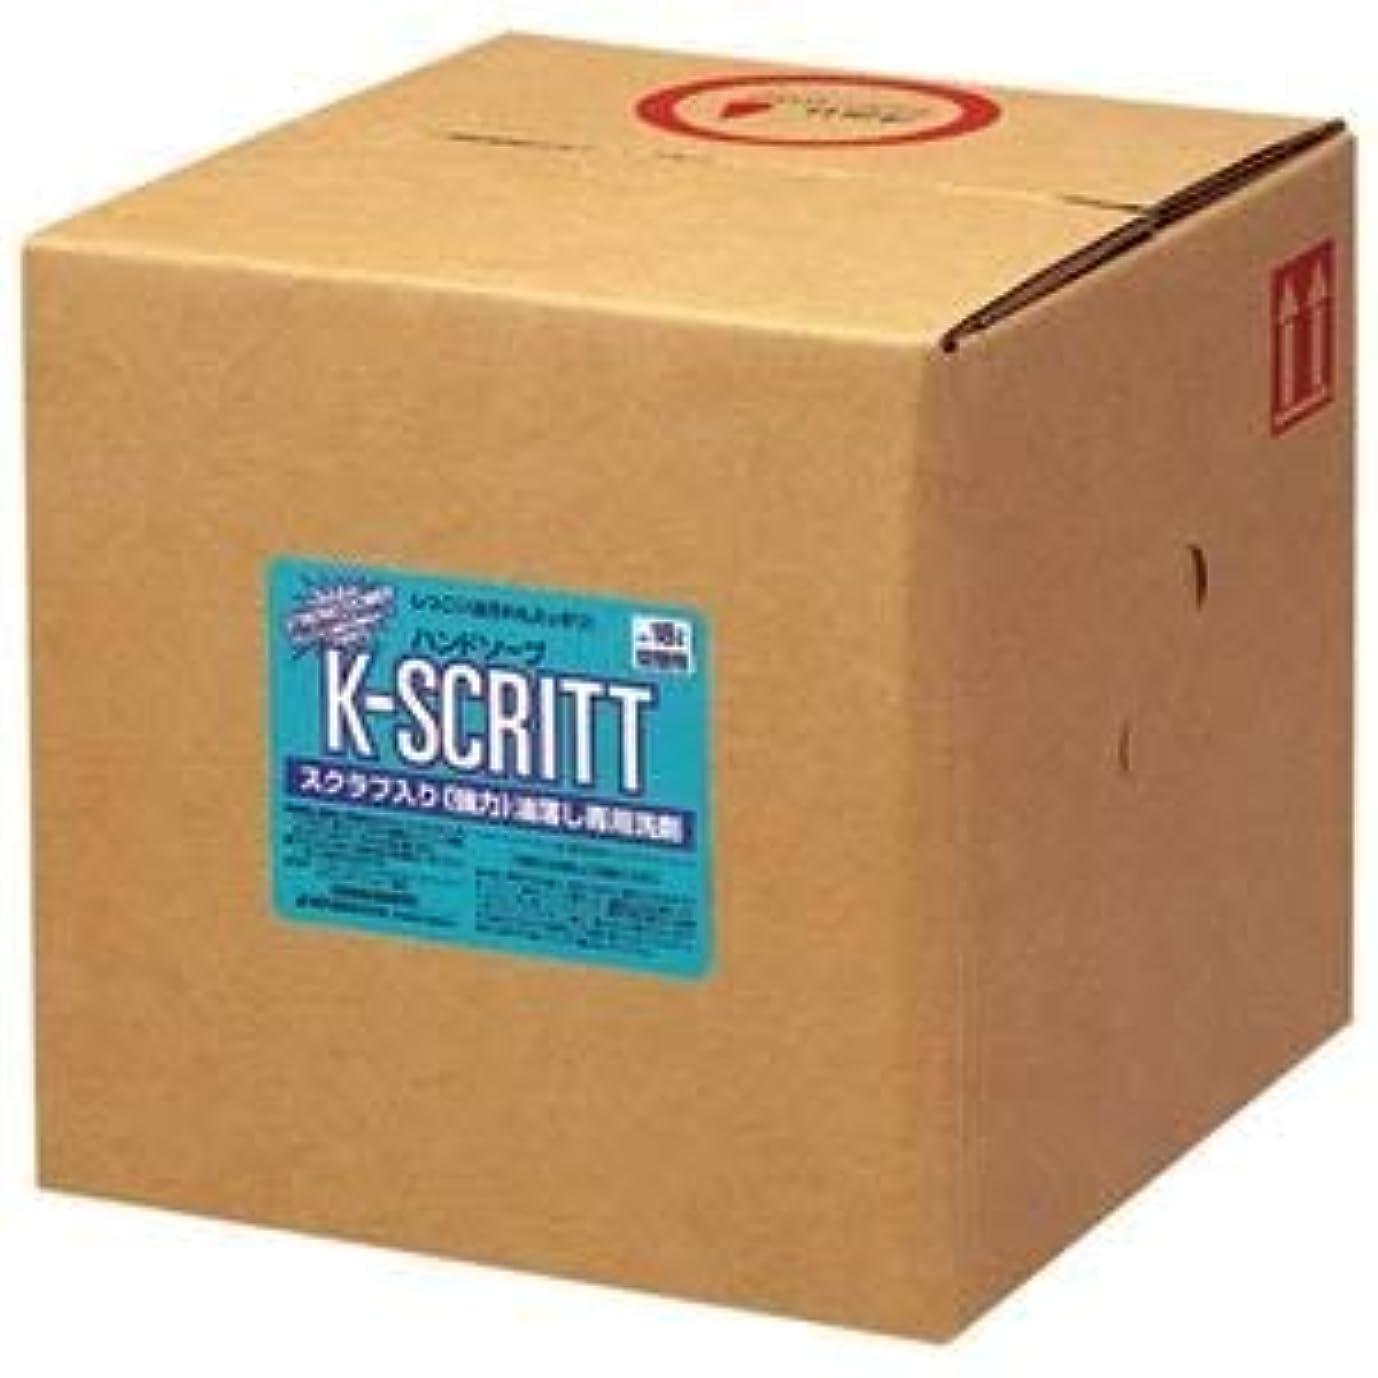 鉄パパ残忍な業務用 液体石鹸 K-スクリット ハンドソープ詰替え 18L 熊野油脂 (コック付き)